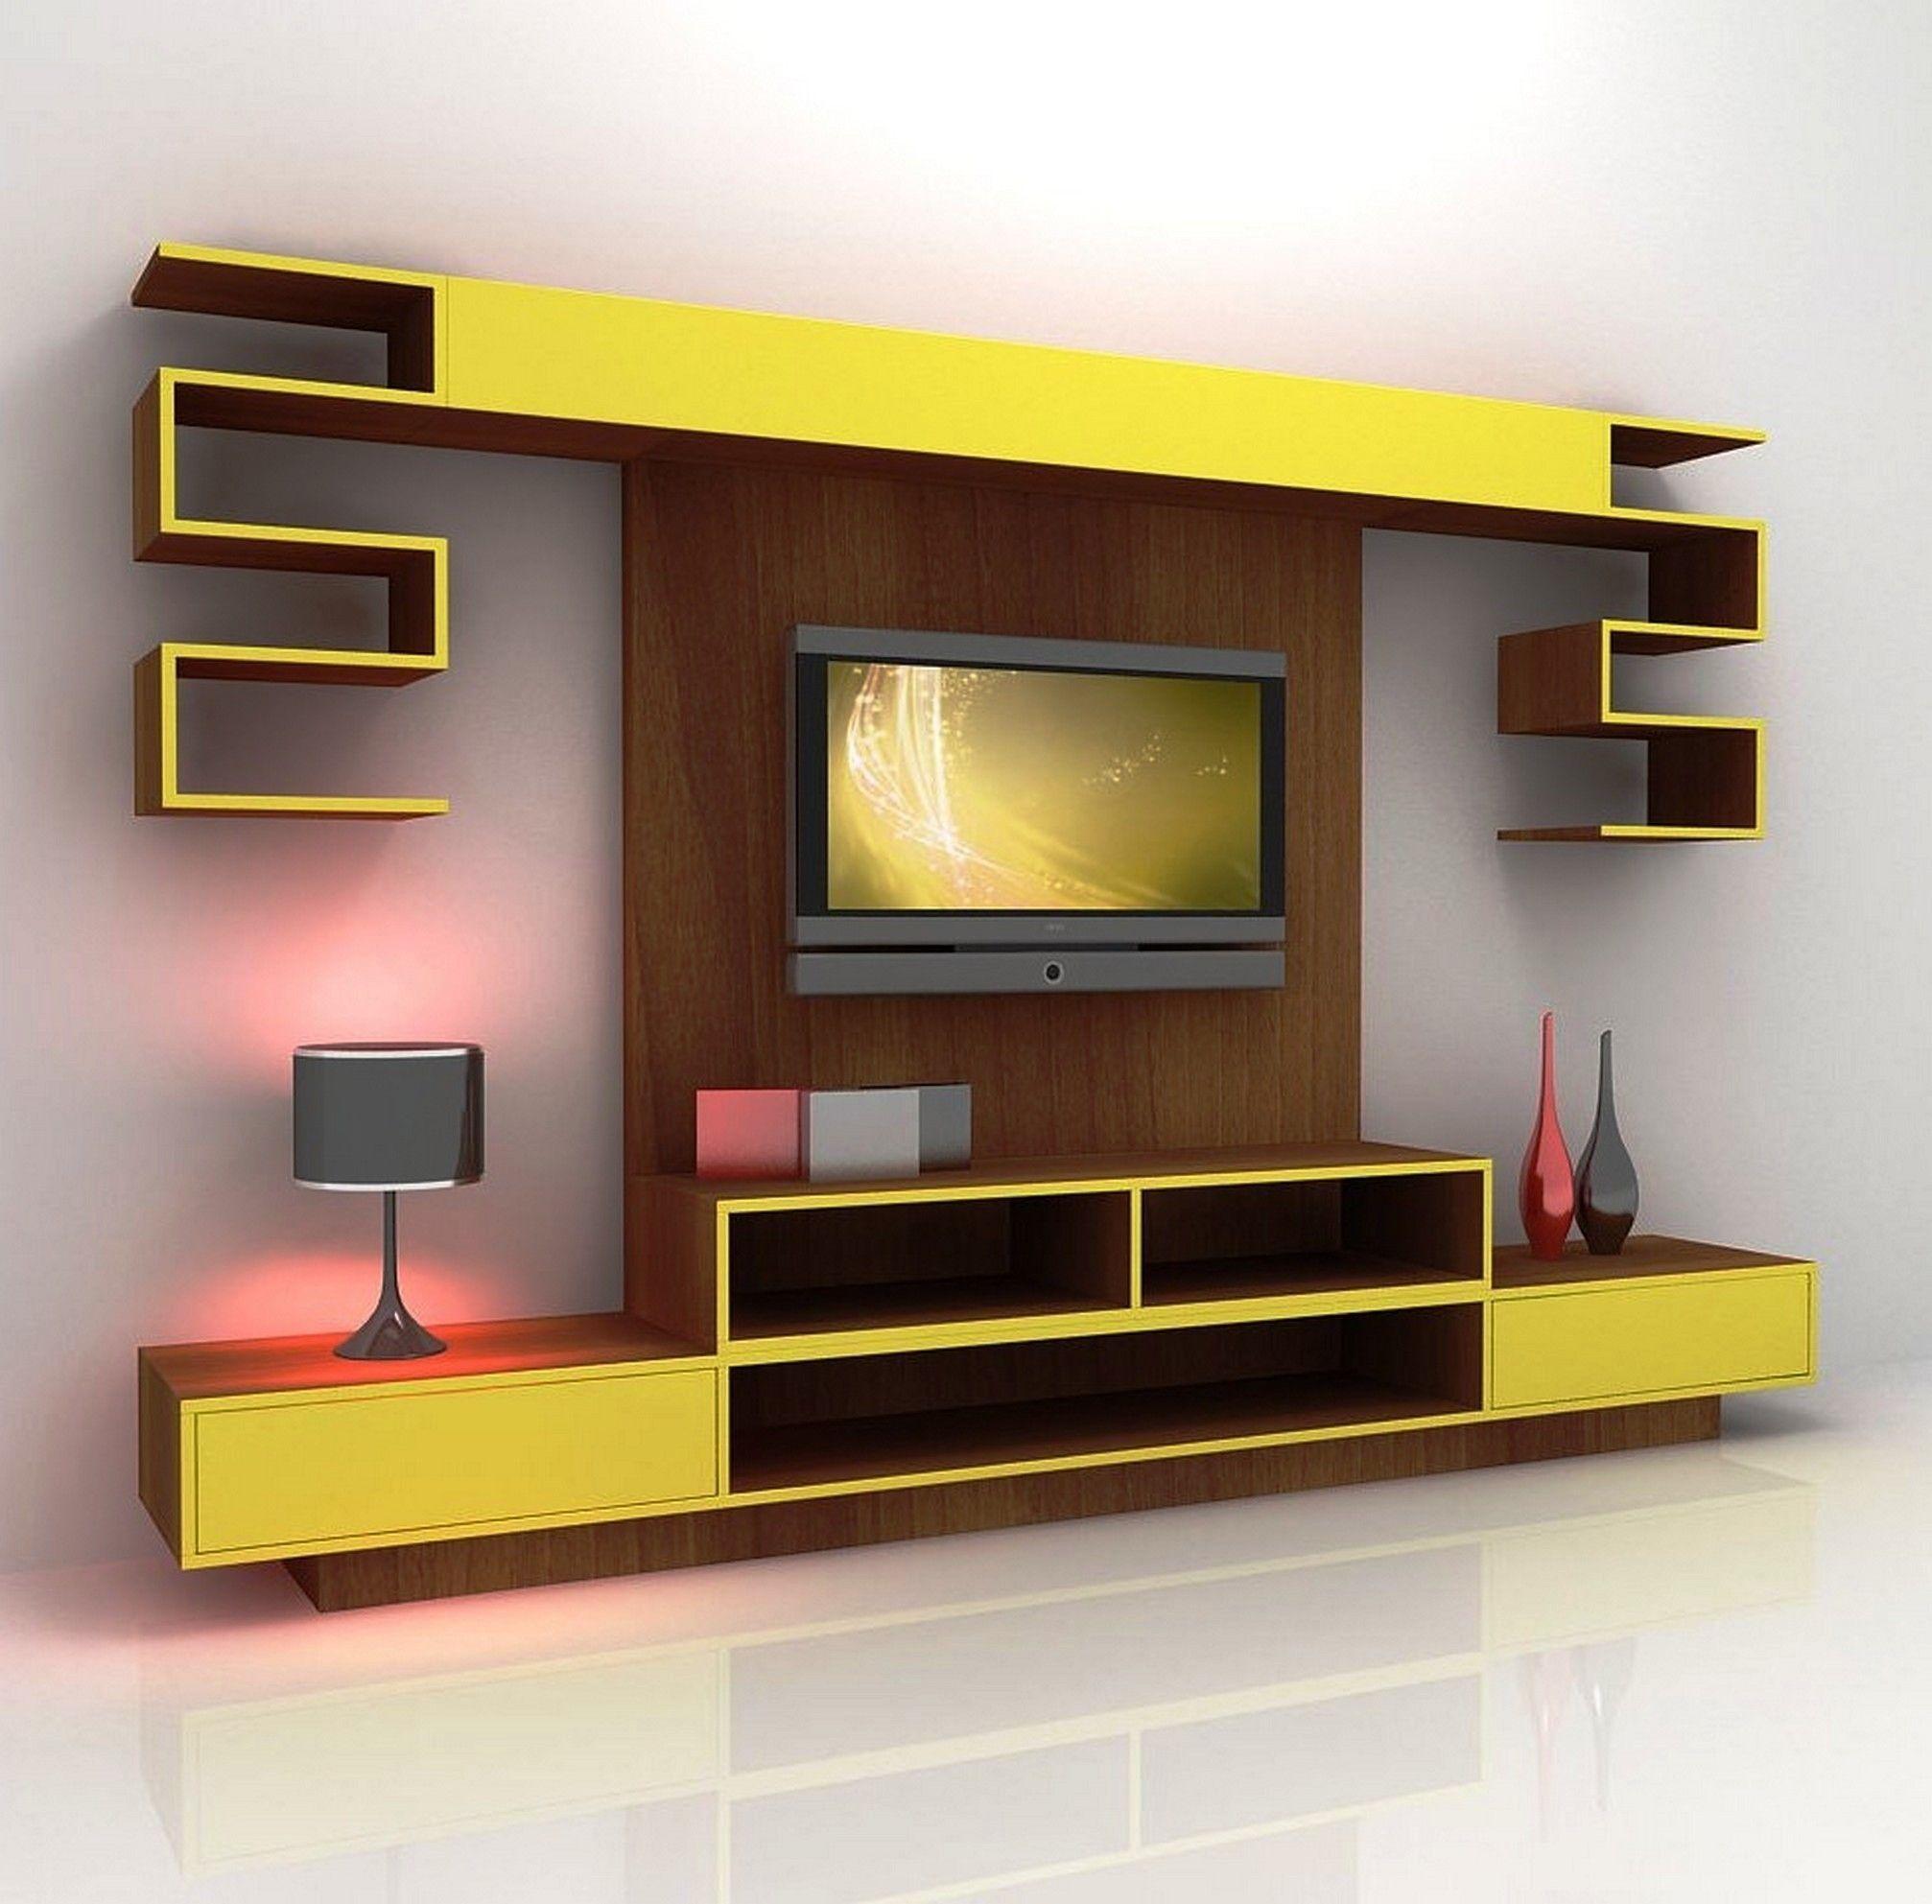 Flat Screen Tv Wall Mount Design Ideas